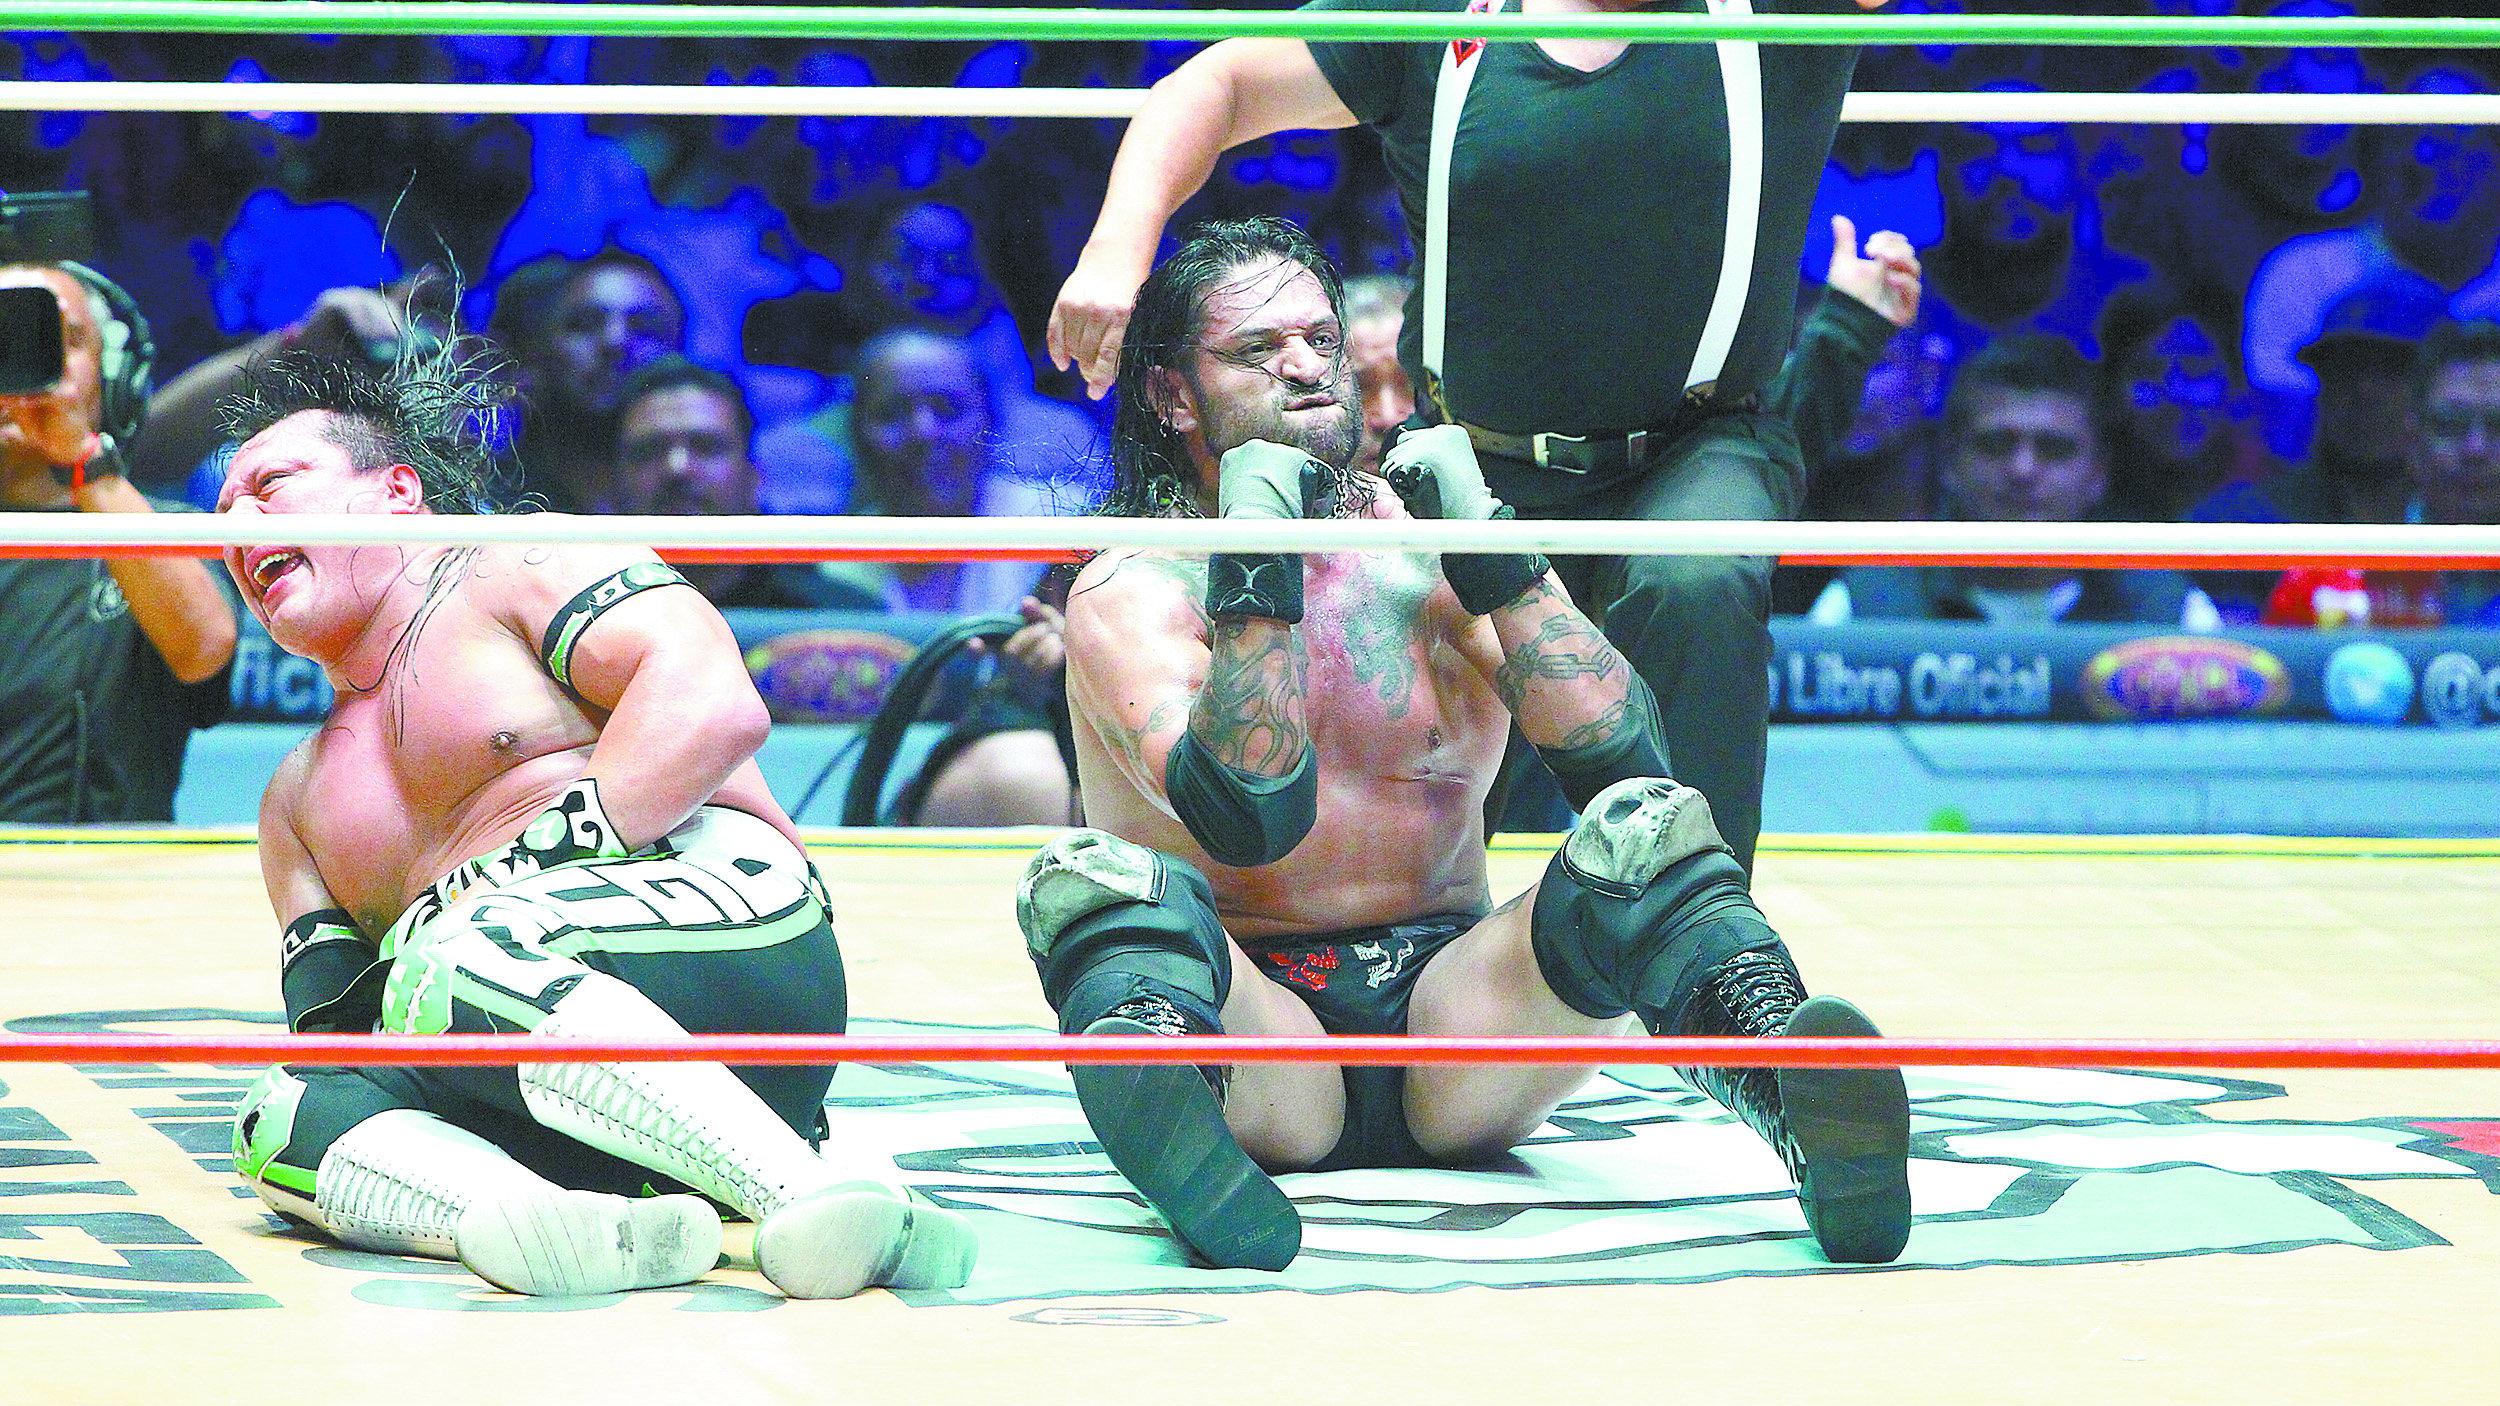 El Guerrero quiere greñas Ciber